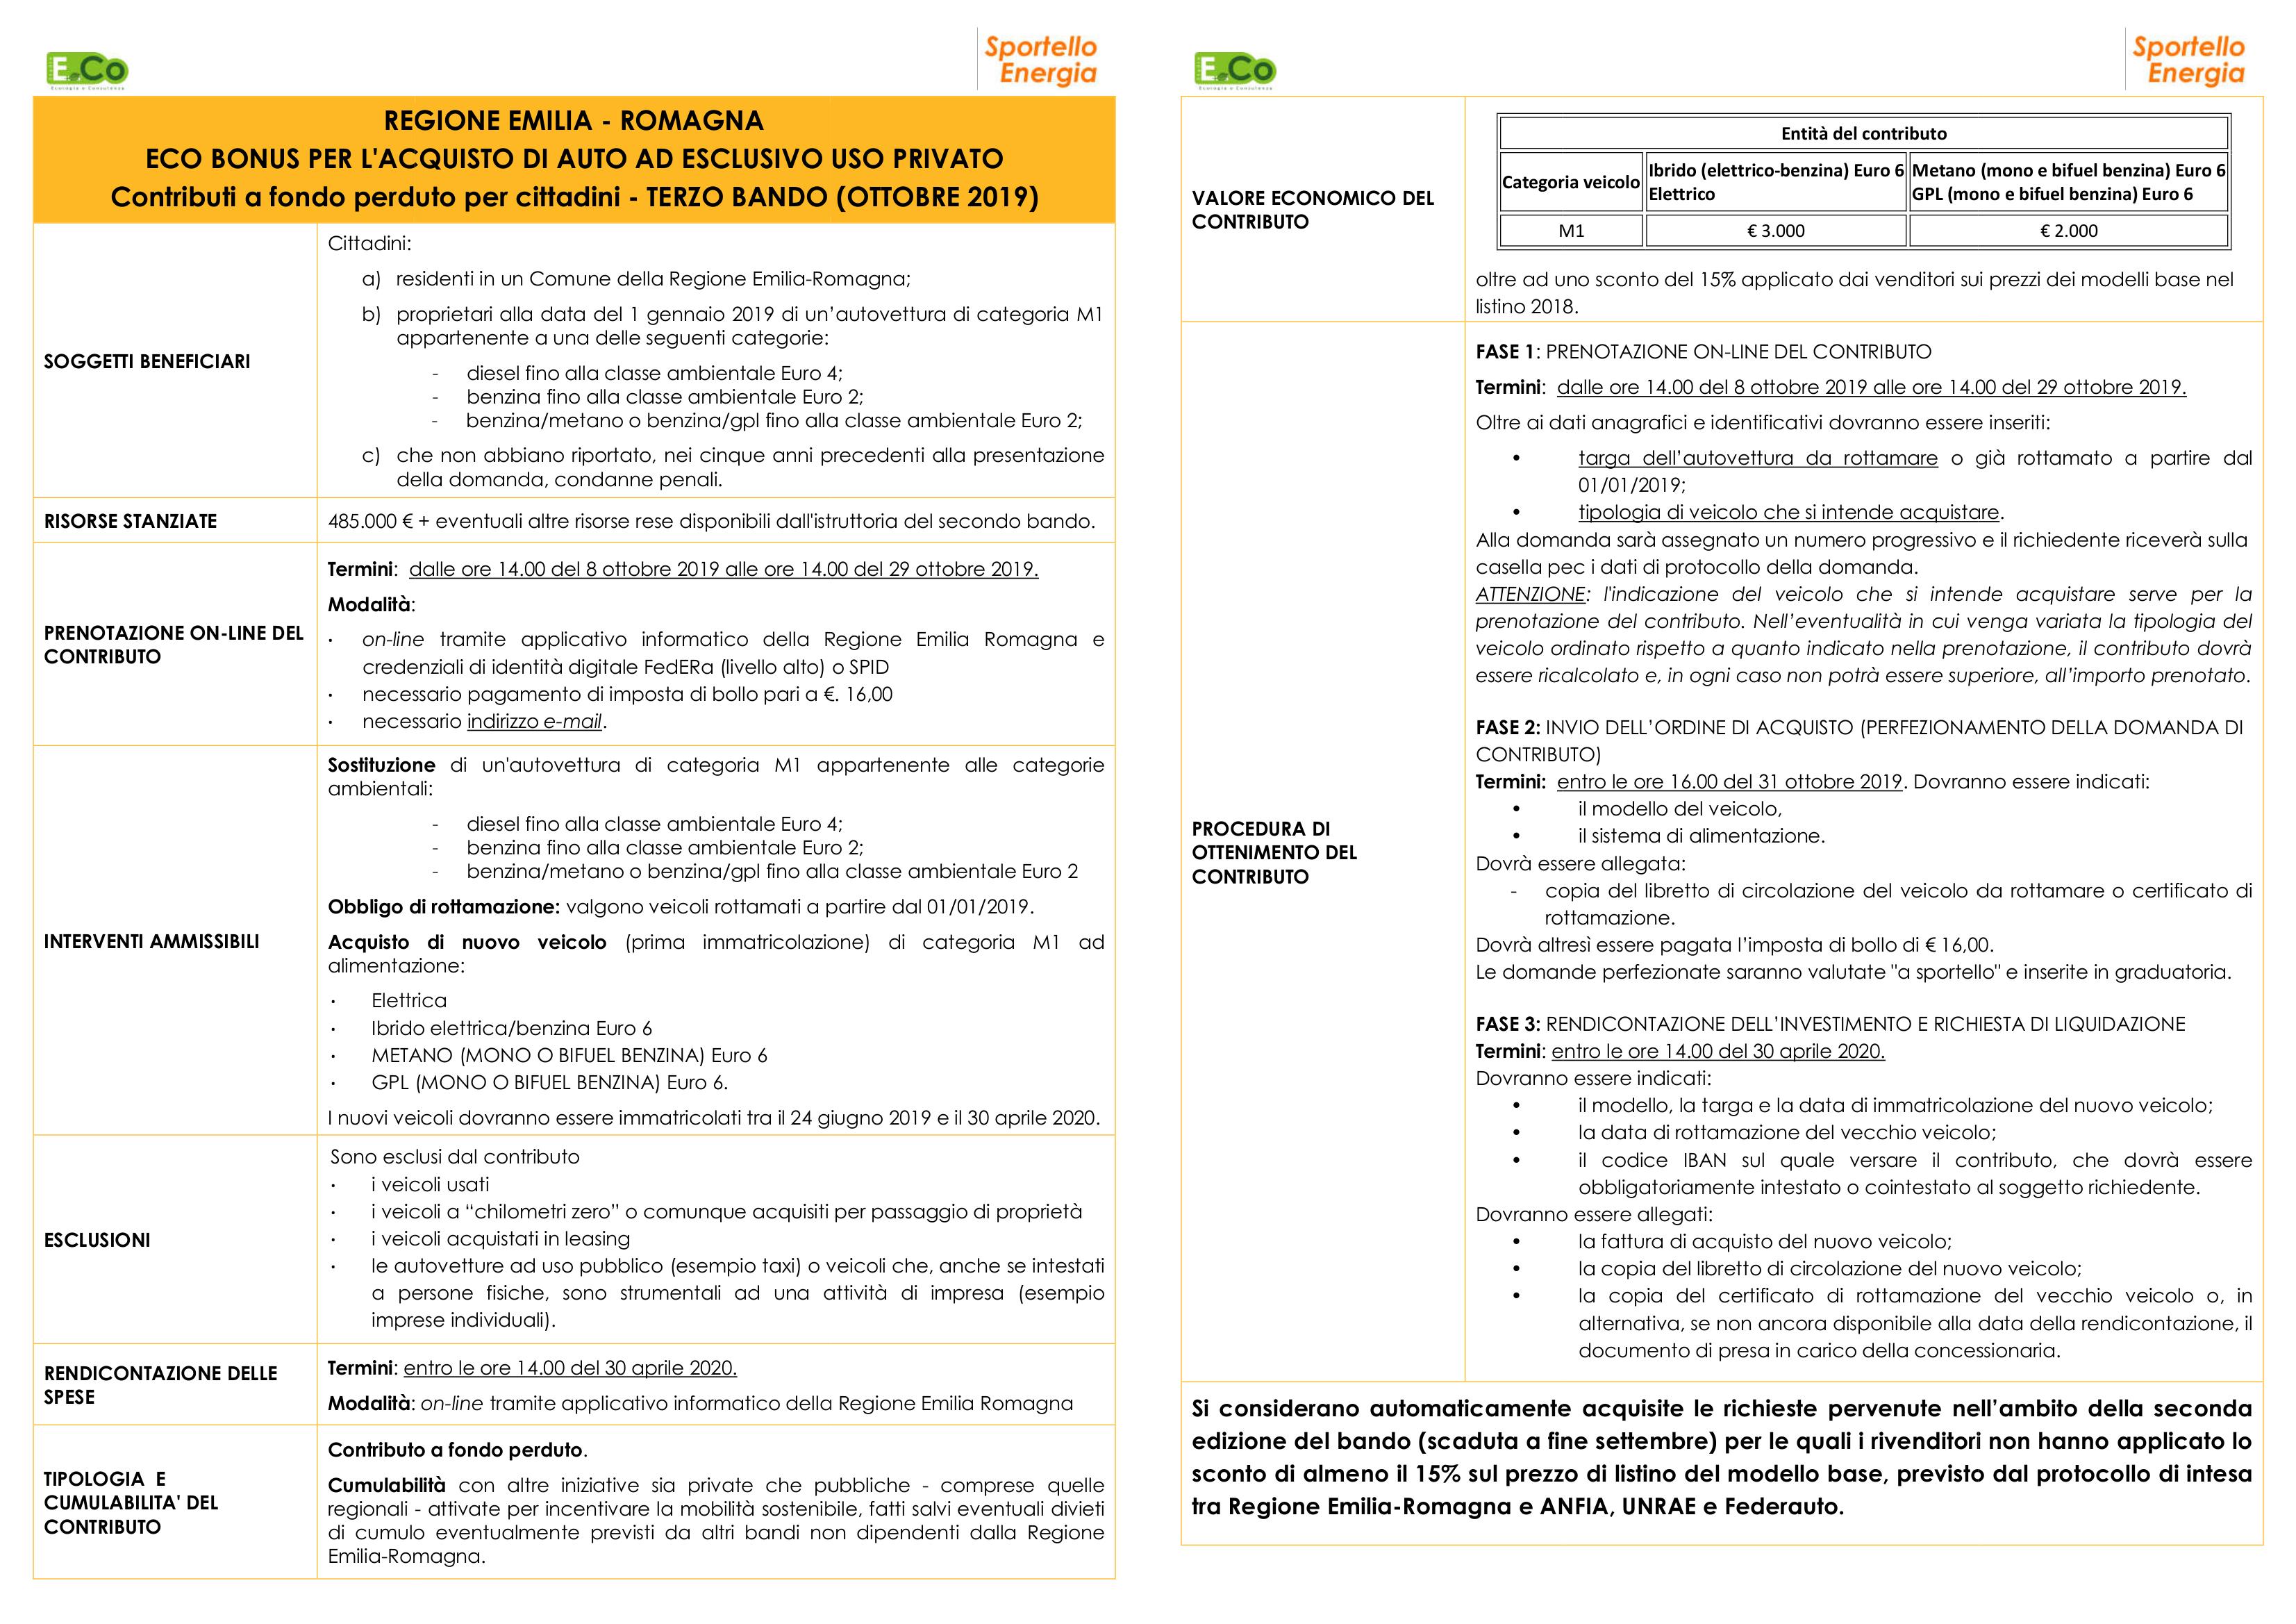 Sportello Energia - Scheda eco bonus privati_bando aperto